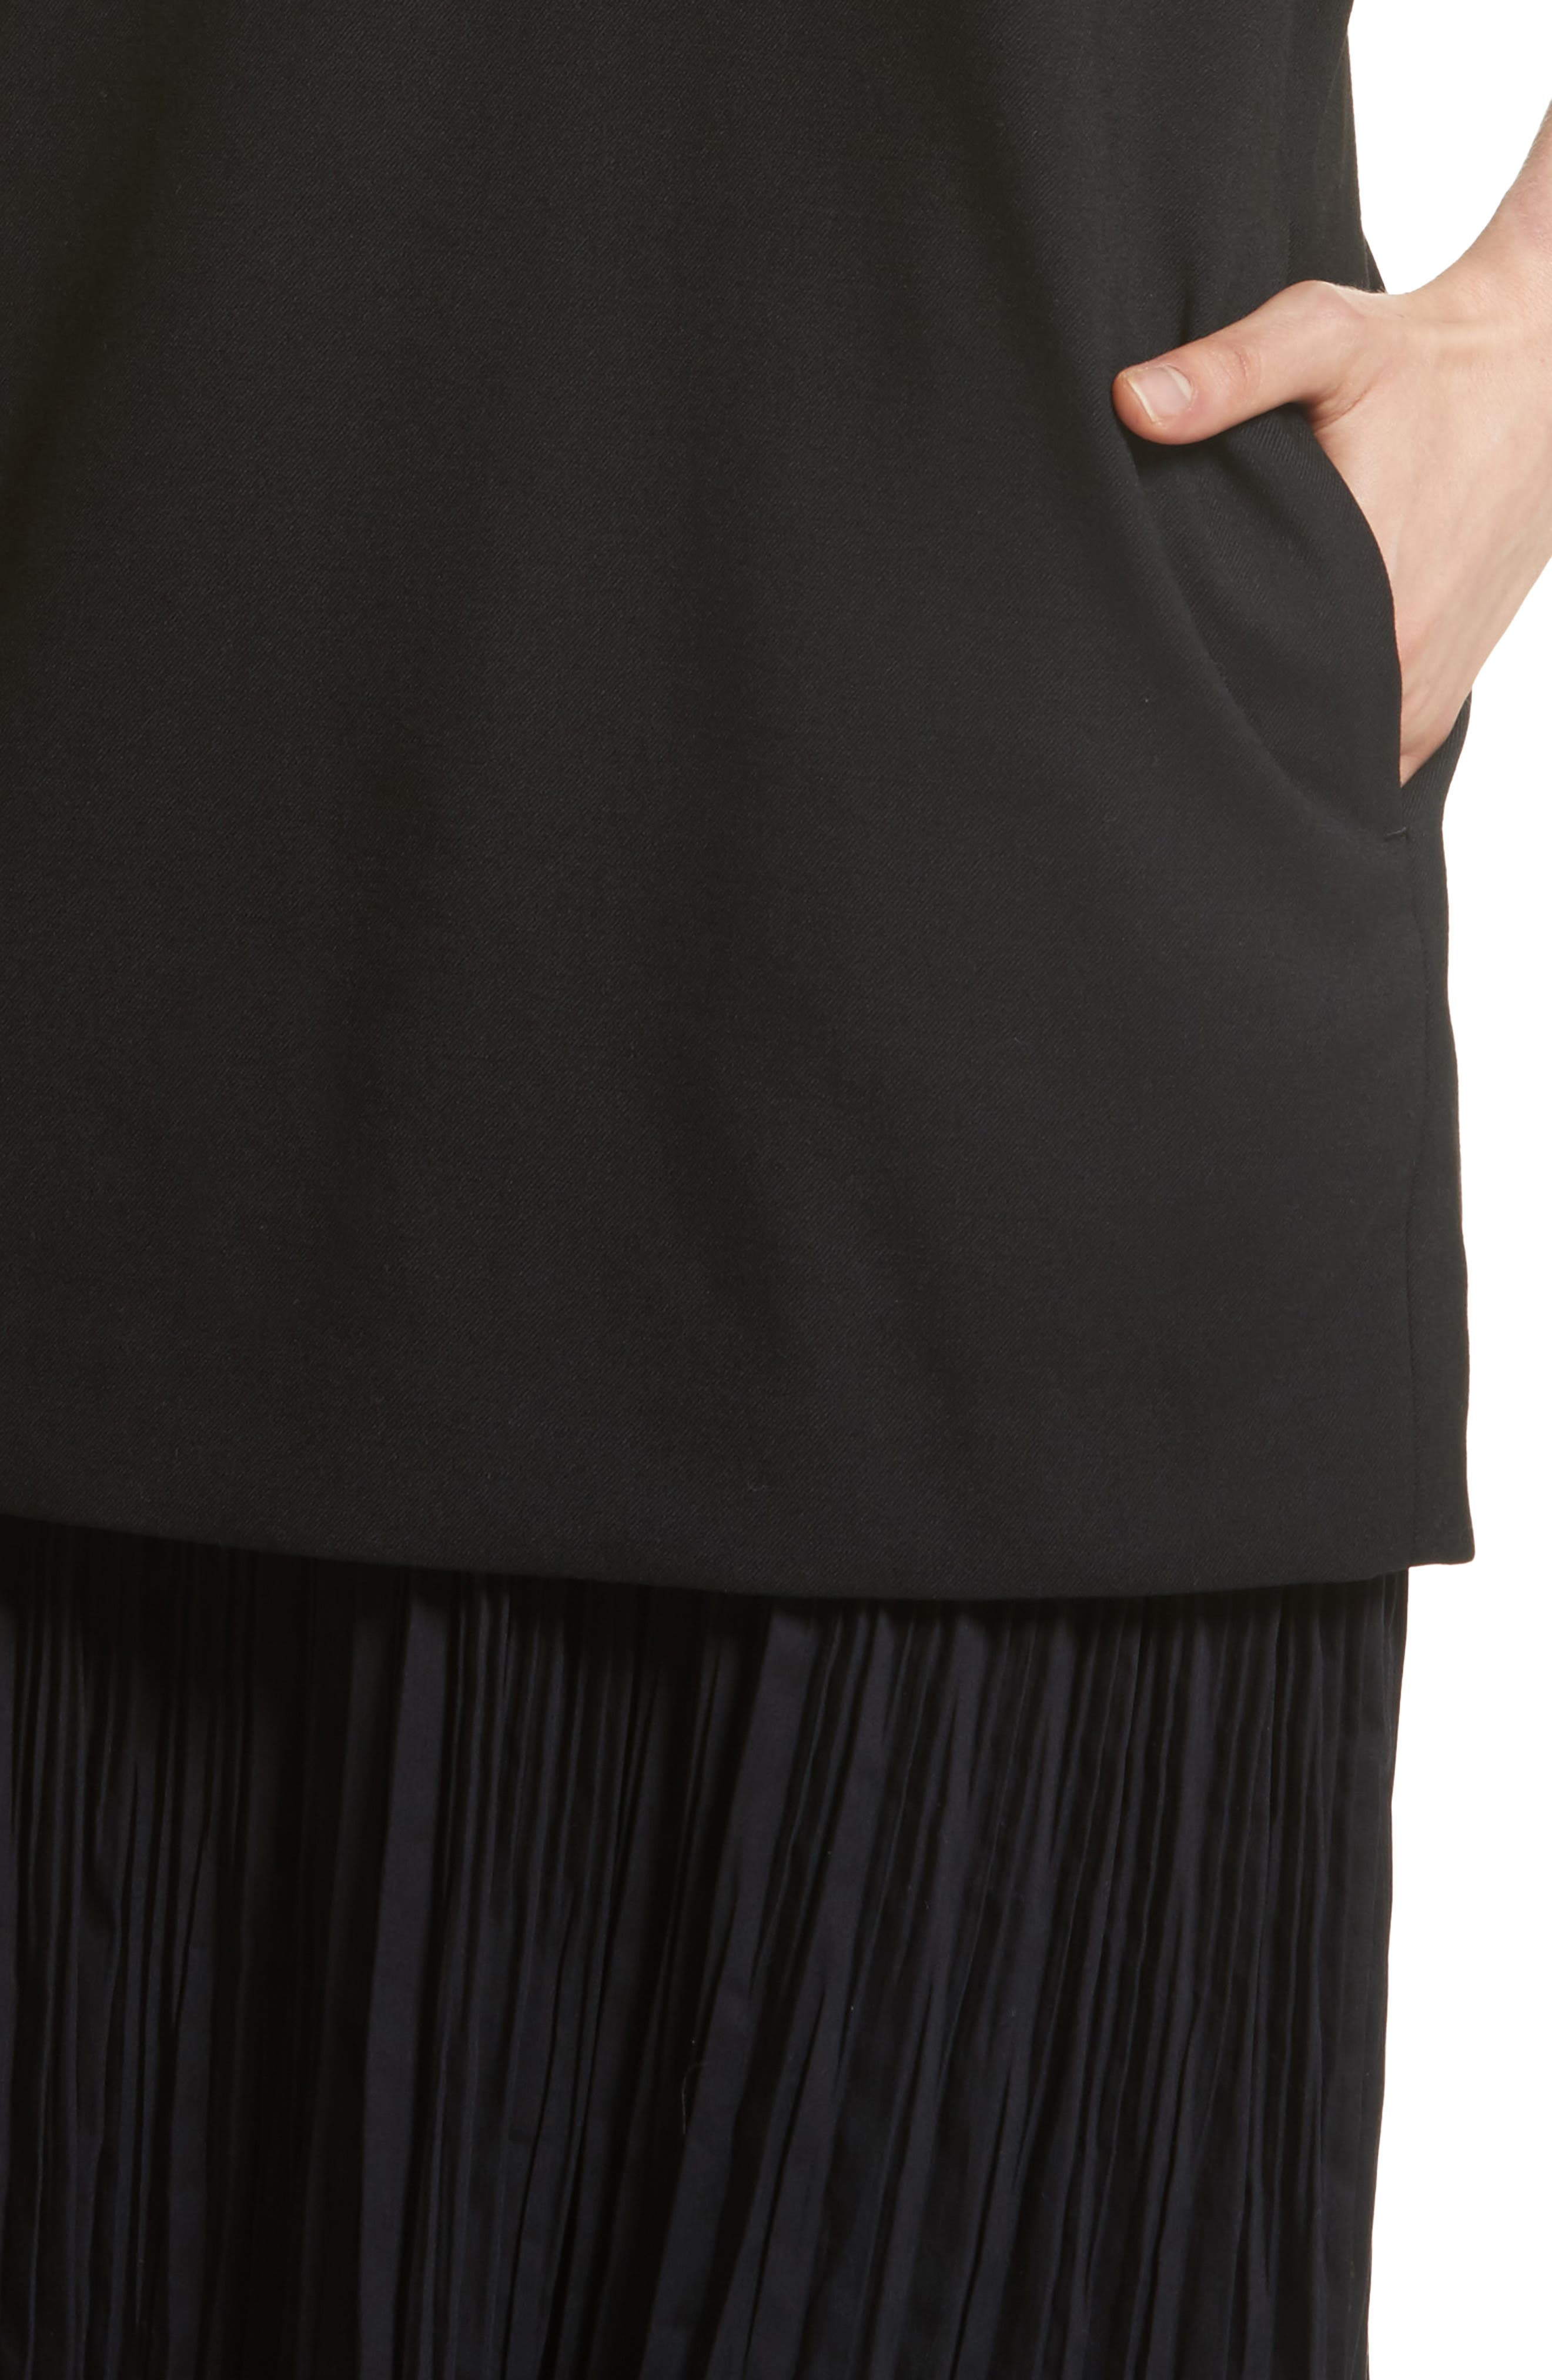 K Bottom Pleated Dress,                             Alternate thumbnail 6, color,                             Black